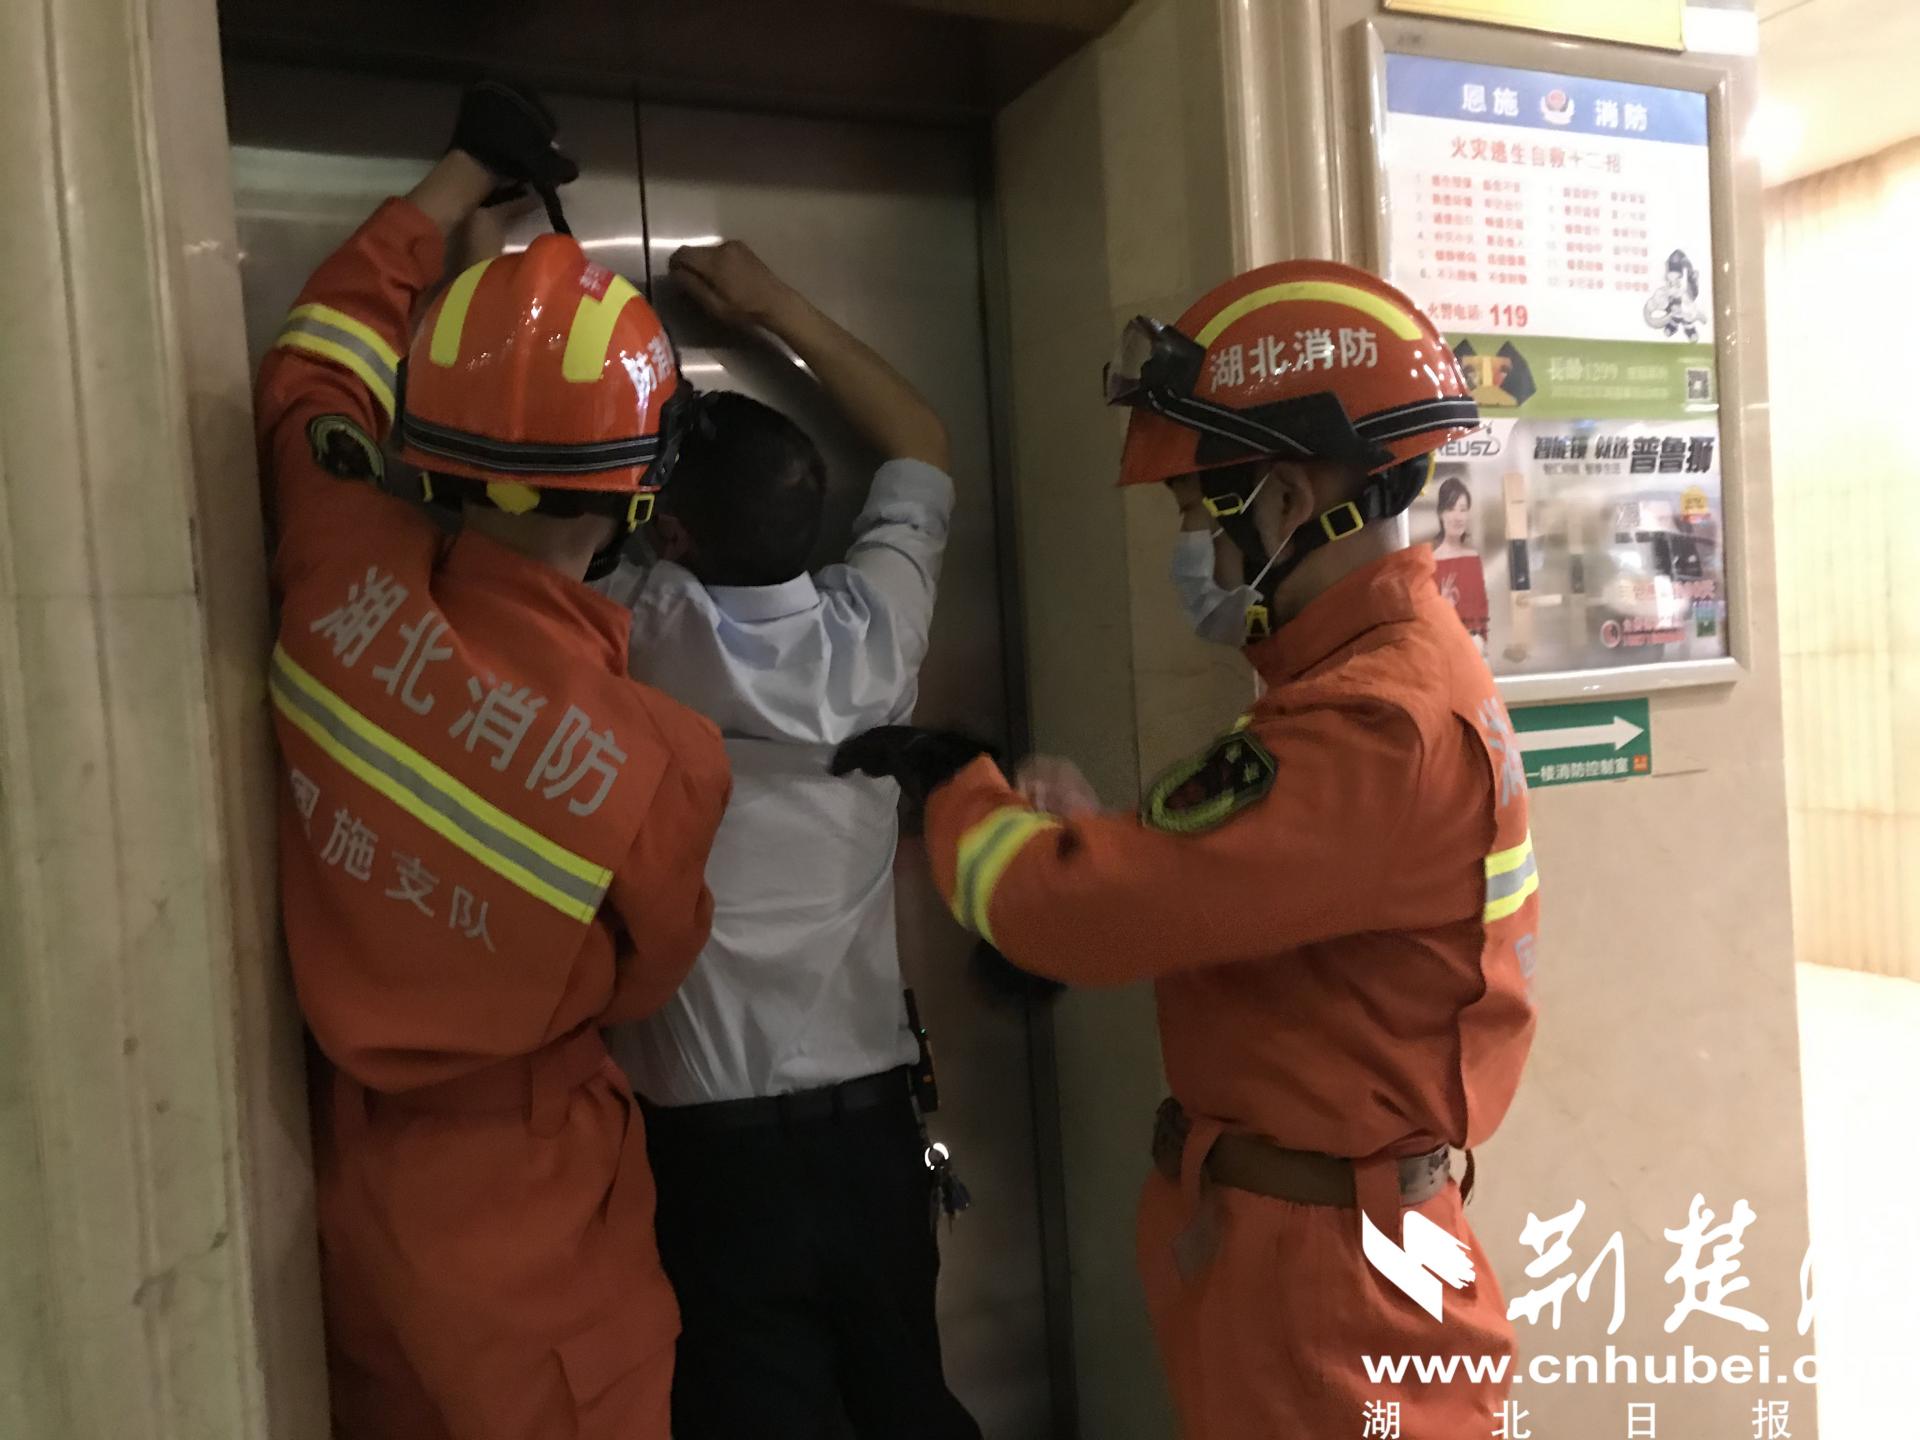 酒店电梯停电4人被困 恩施消防及时救援